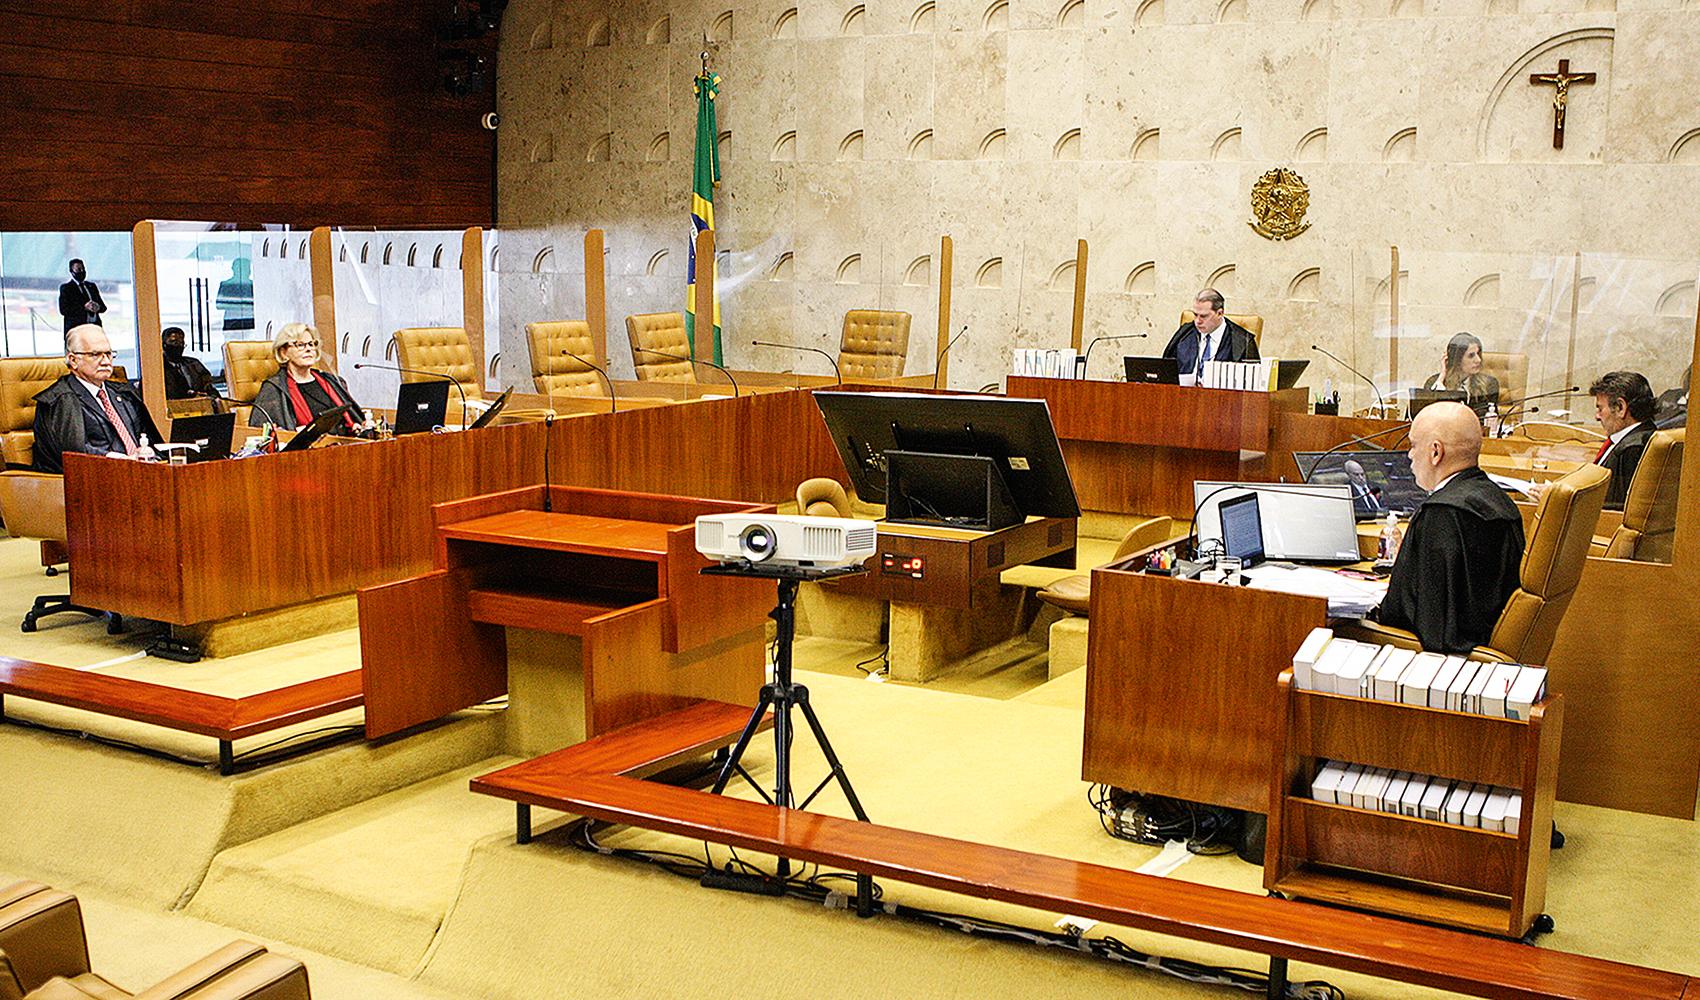 DESTINO -A Segunda Turma do STF: decisão sobre a suspeição do ex-juiz pode favorecer candidatura de Lula -